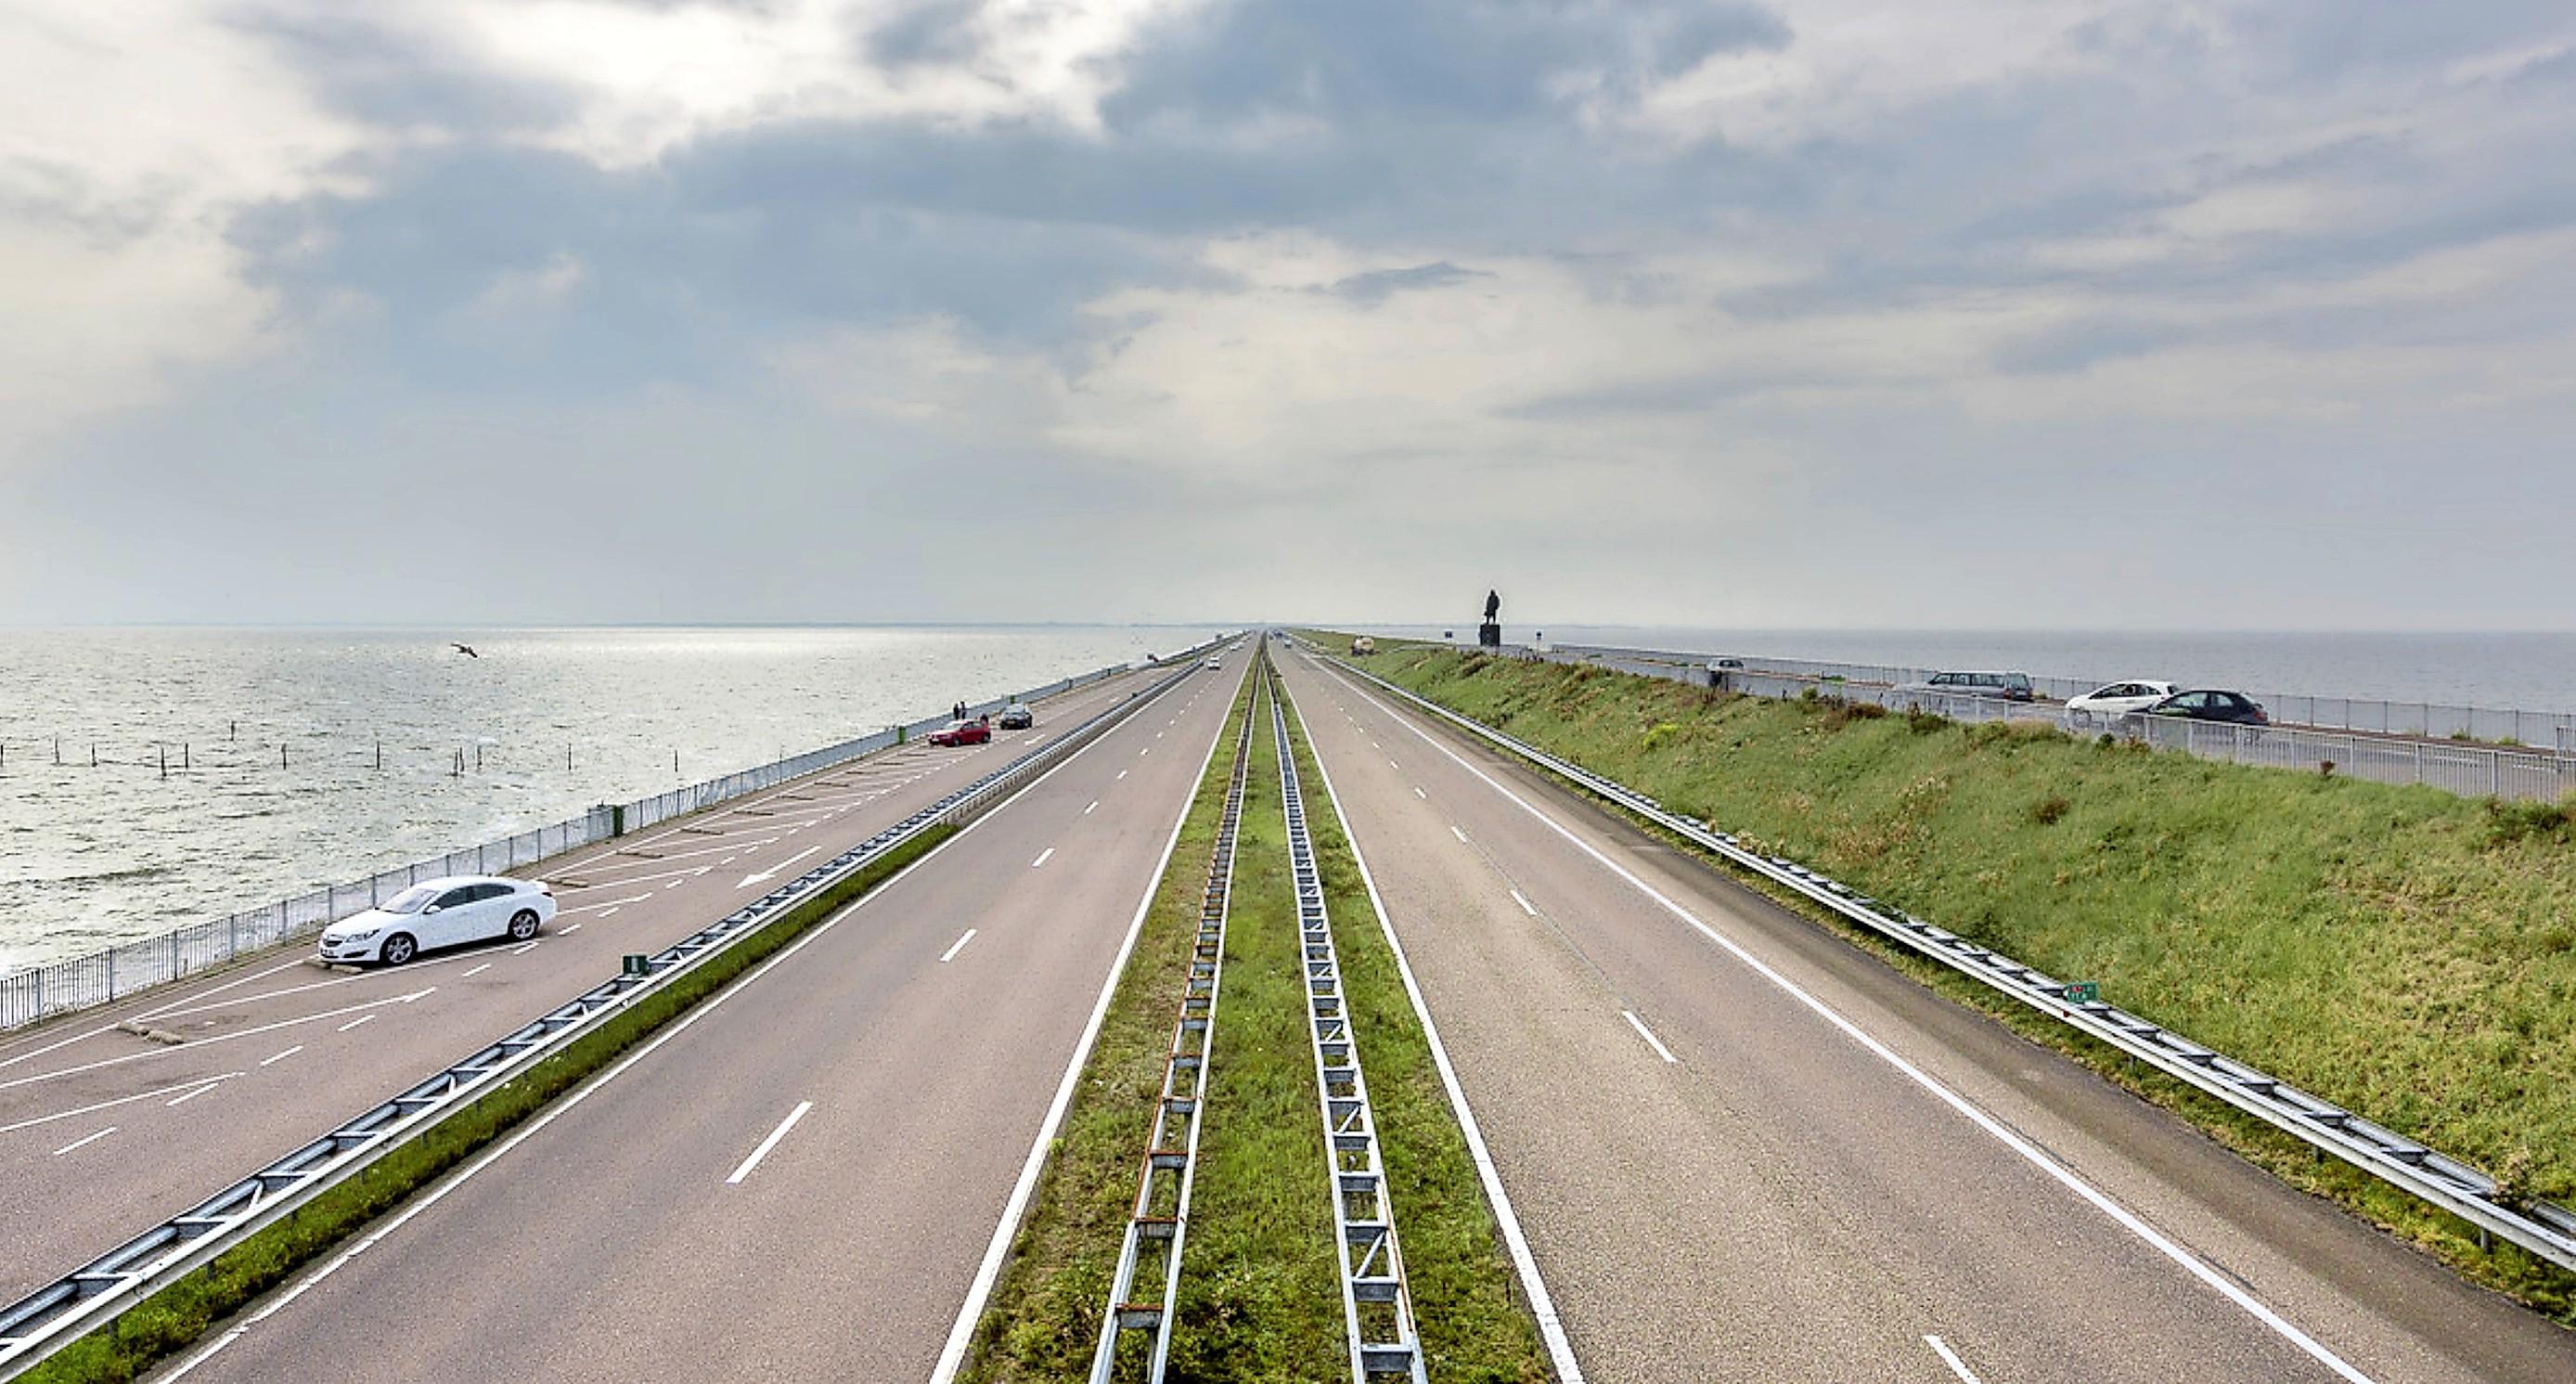 'Ik ging als een komeet, joh': Geldboete voor Niedorper die met 240 kilometer per uur over de Afsluitdijk racete